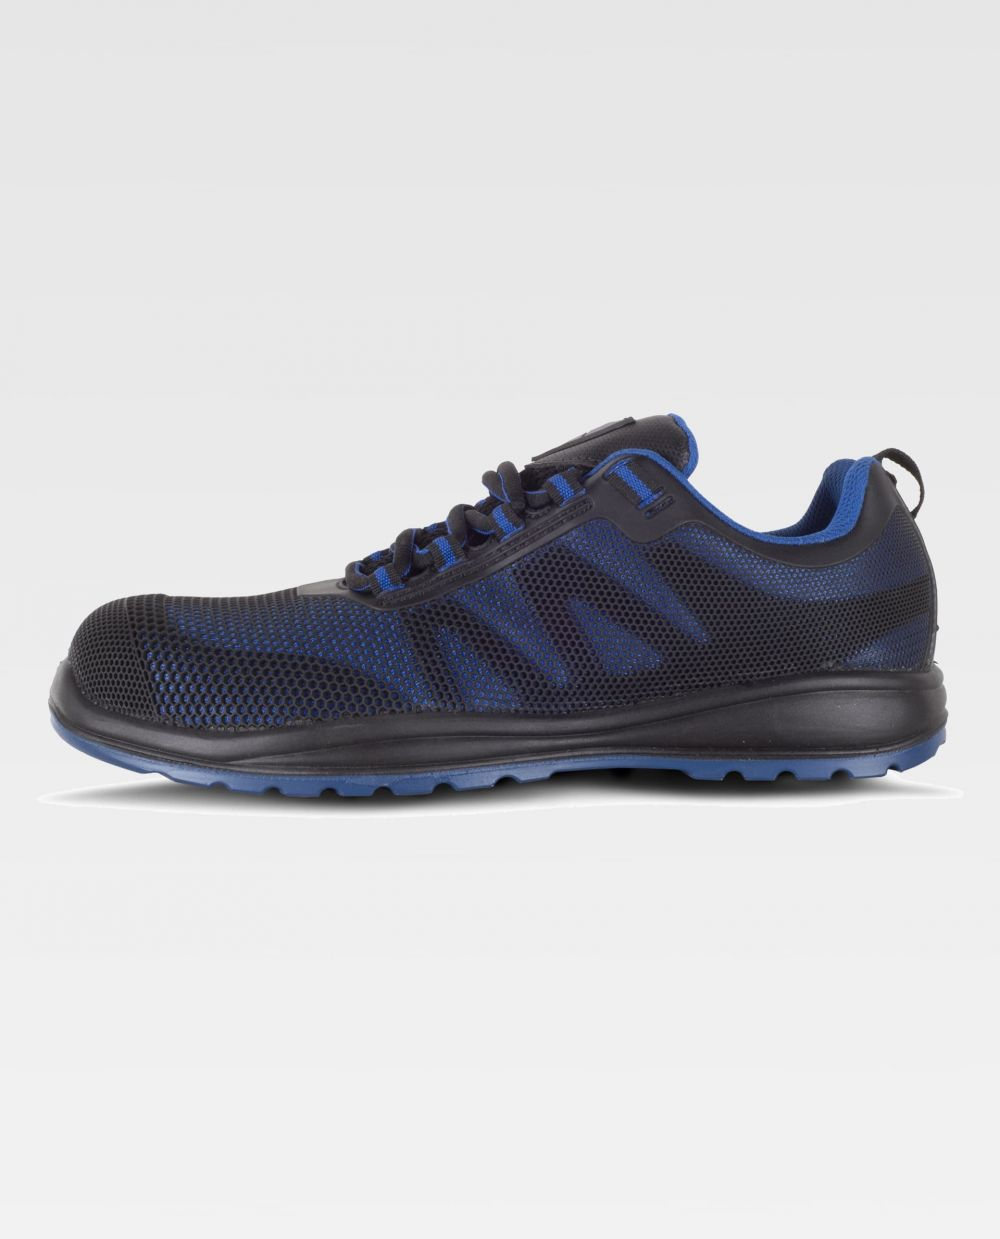 Zapatos de trabajo workteam zapato p3013 de poliéster vista 1